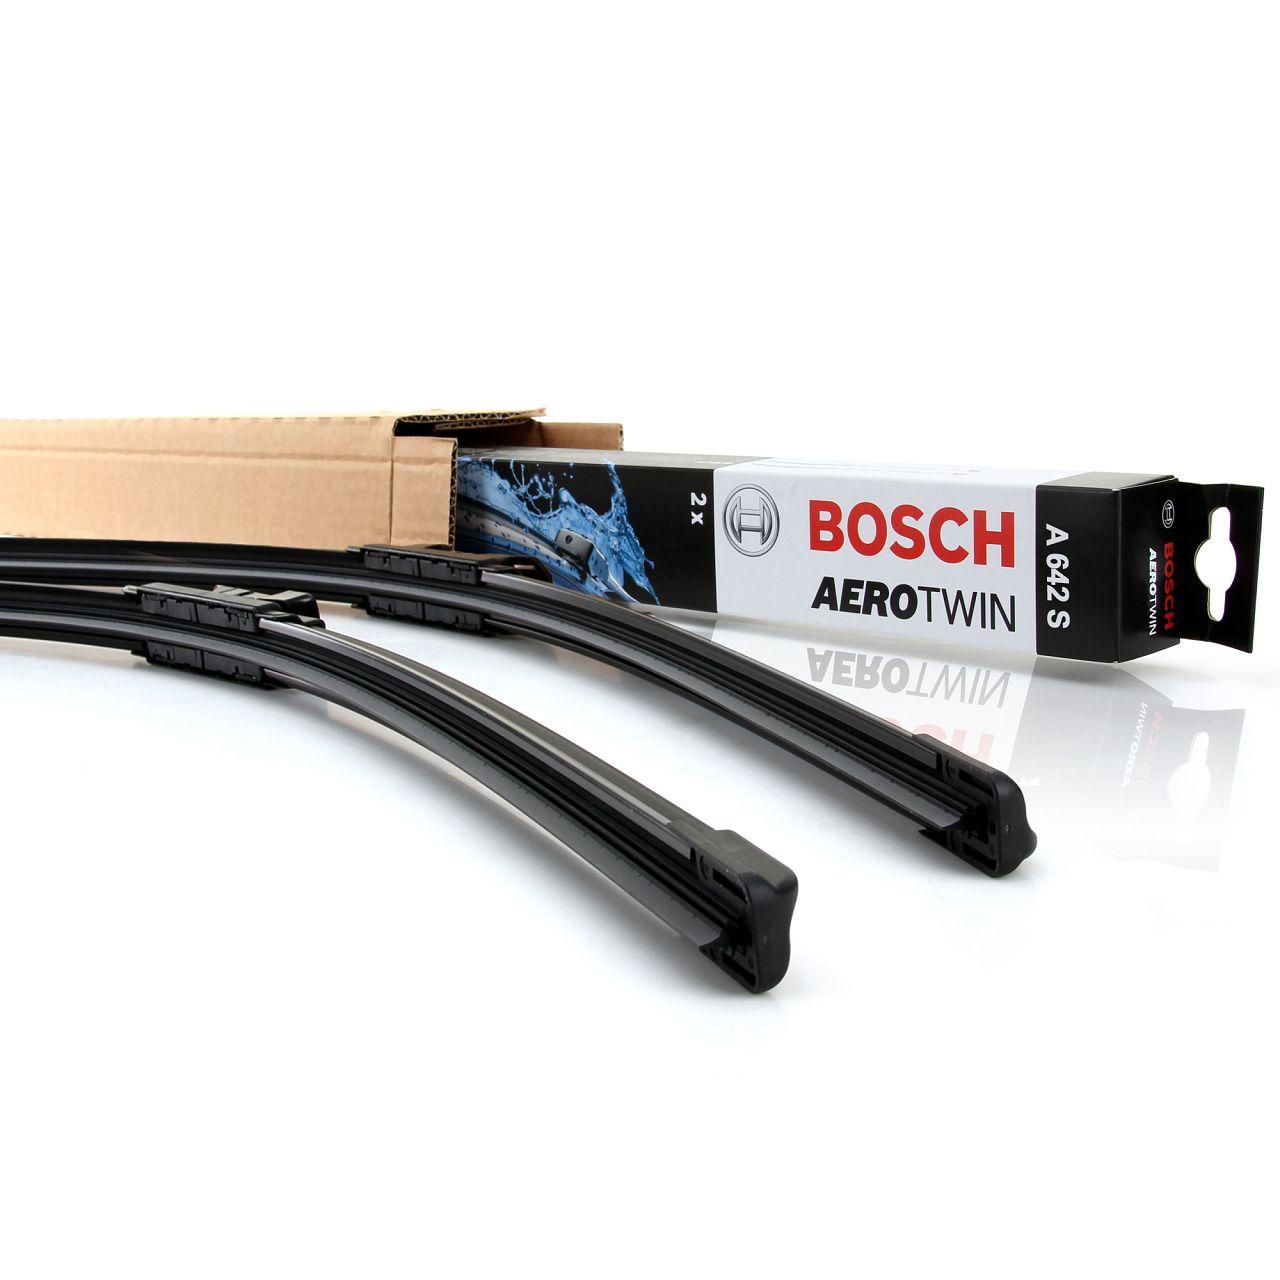 BOSCH AEROTWIN A642S Scheibenwischer Wischerblätter Satz für 6er BMW F06 F12 F13